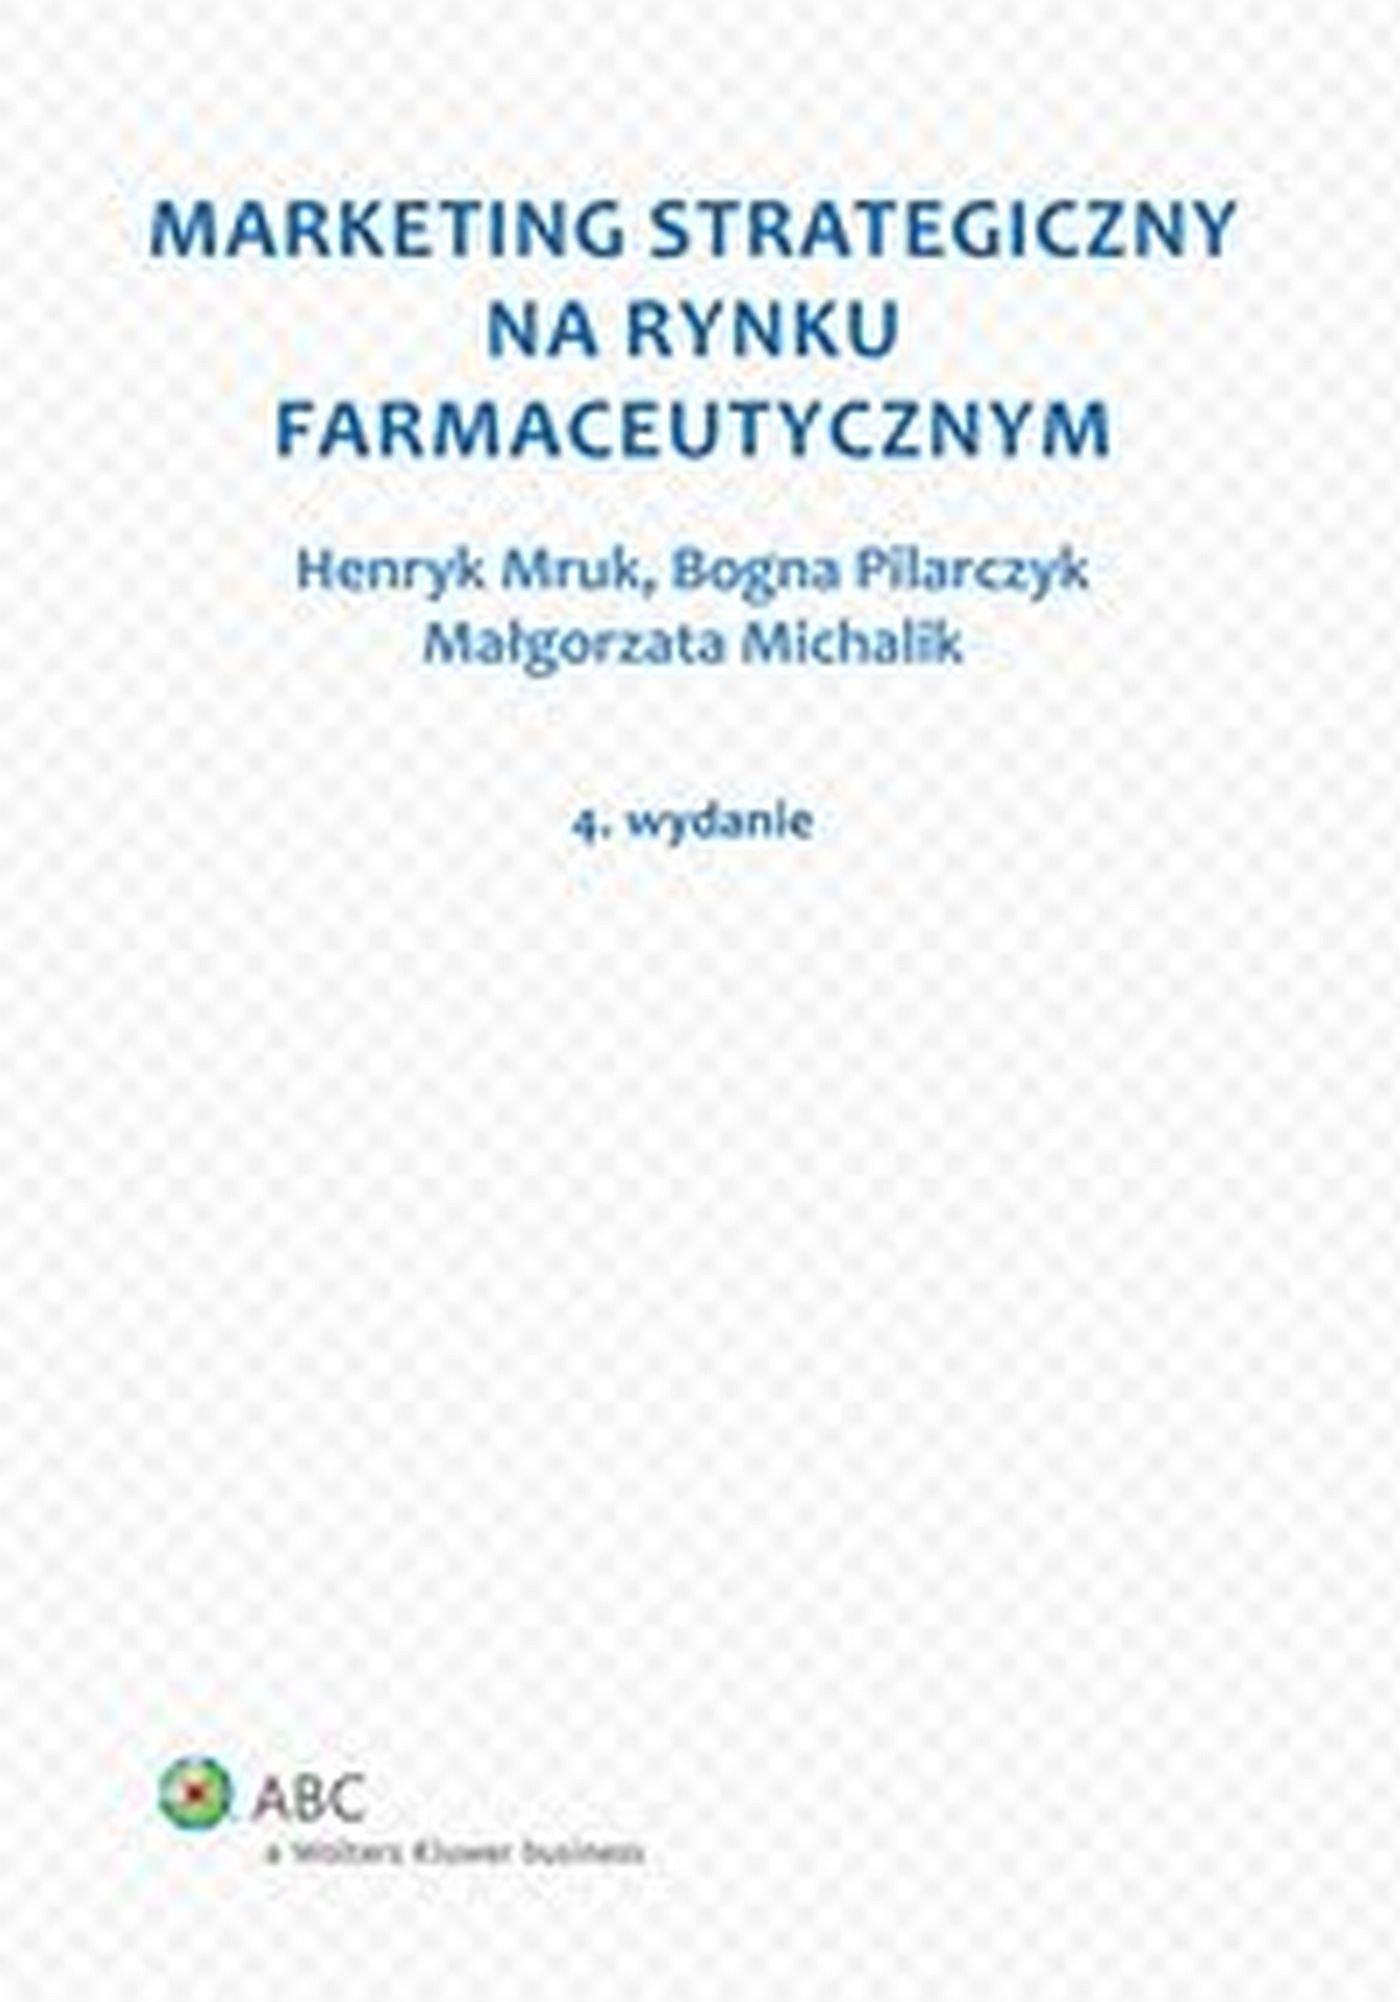 Marketing strategiczny na rynku farmaceutycznym - Ebook (Książka EPUB) do pobrania w formacie EPUB